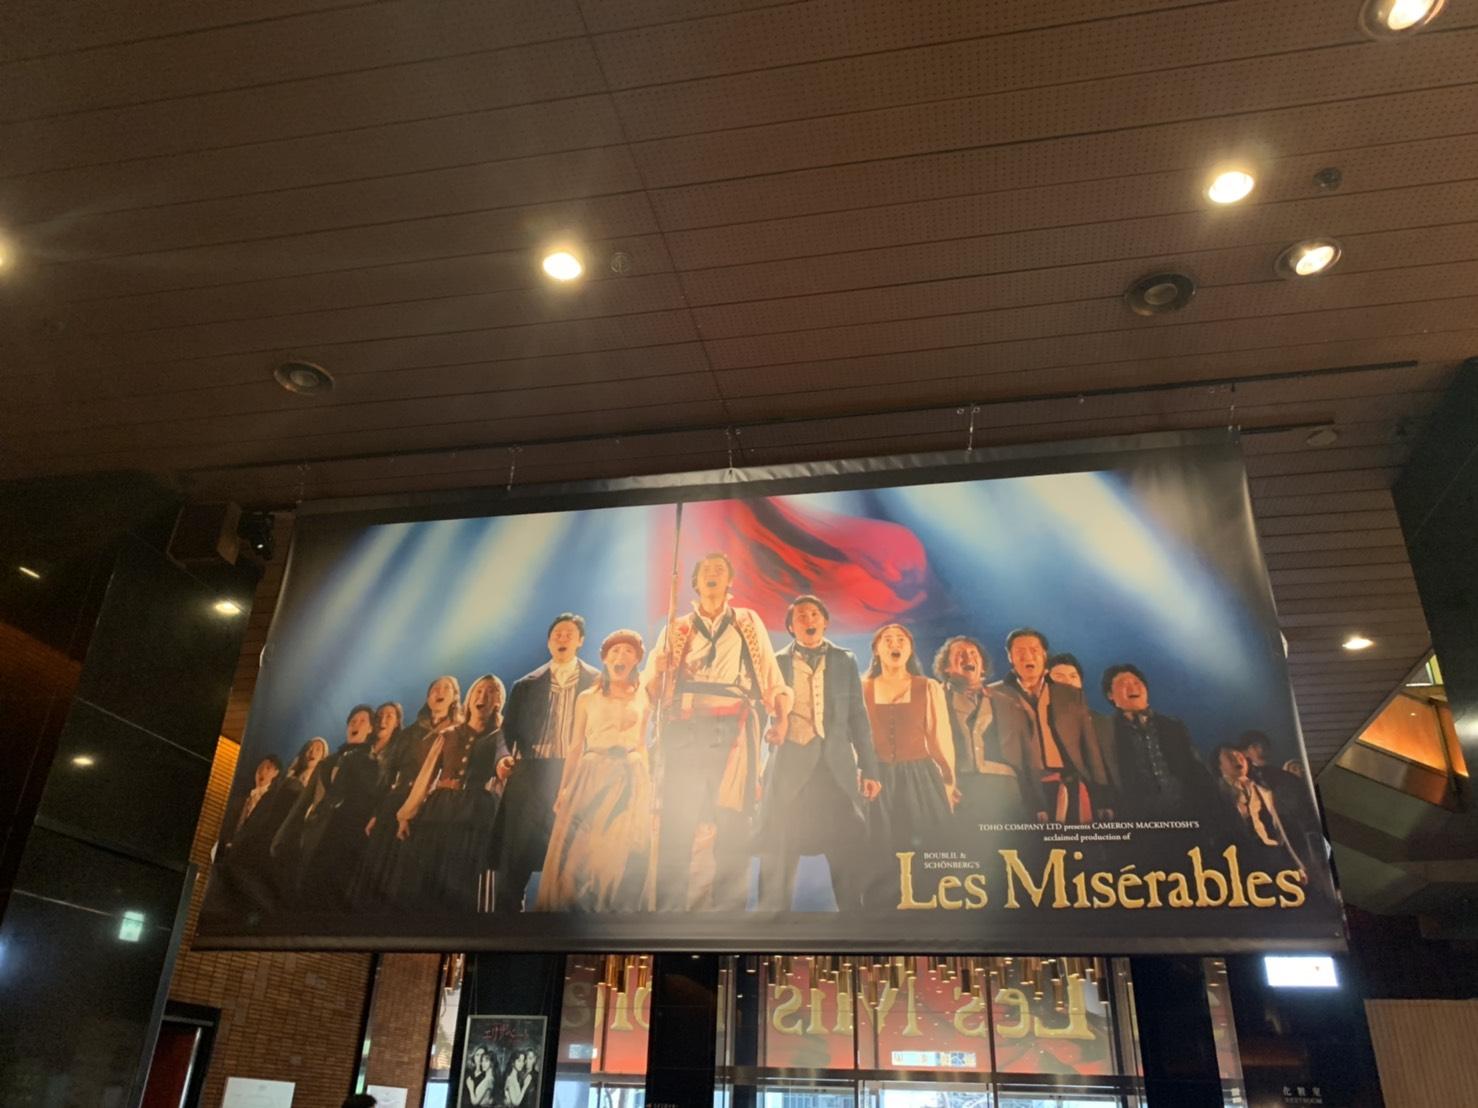 ミュージカル『レ・ミゼラブル』② @帝国劇場